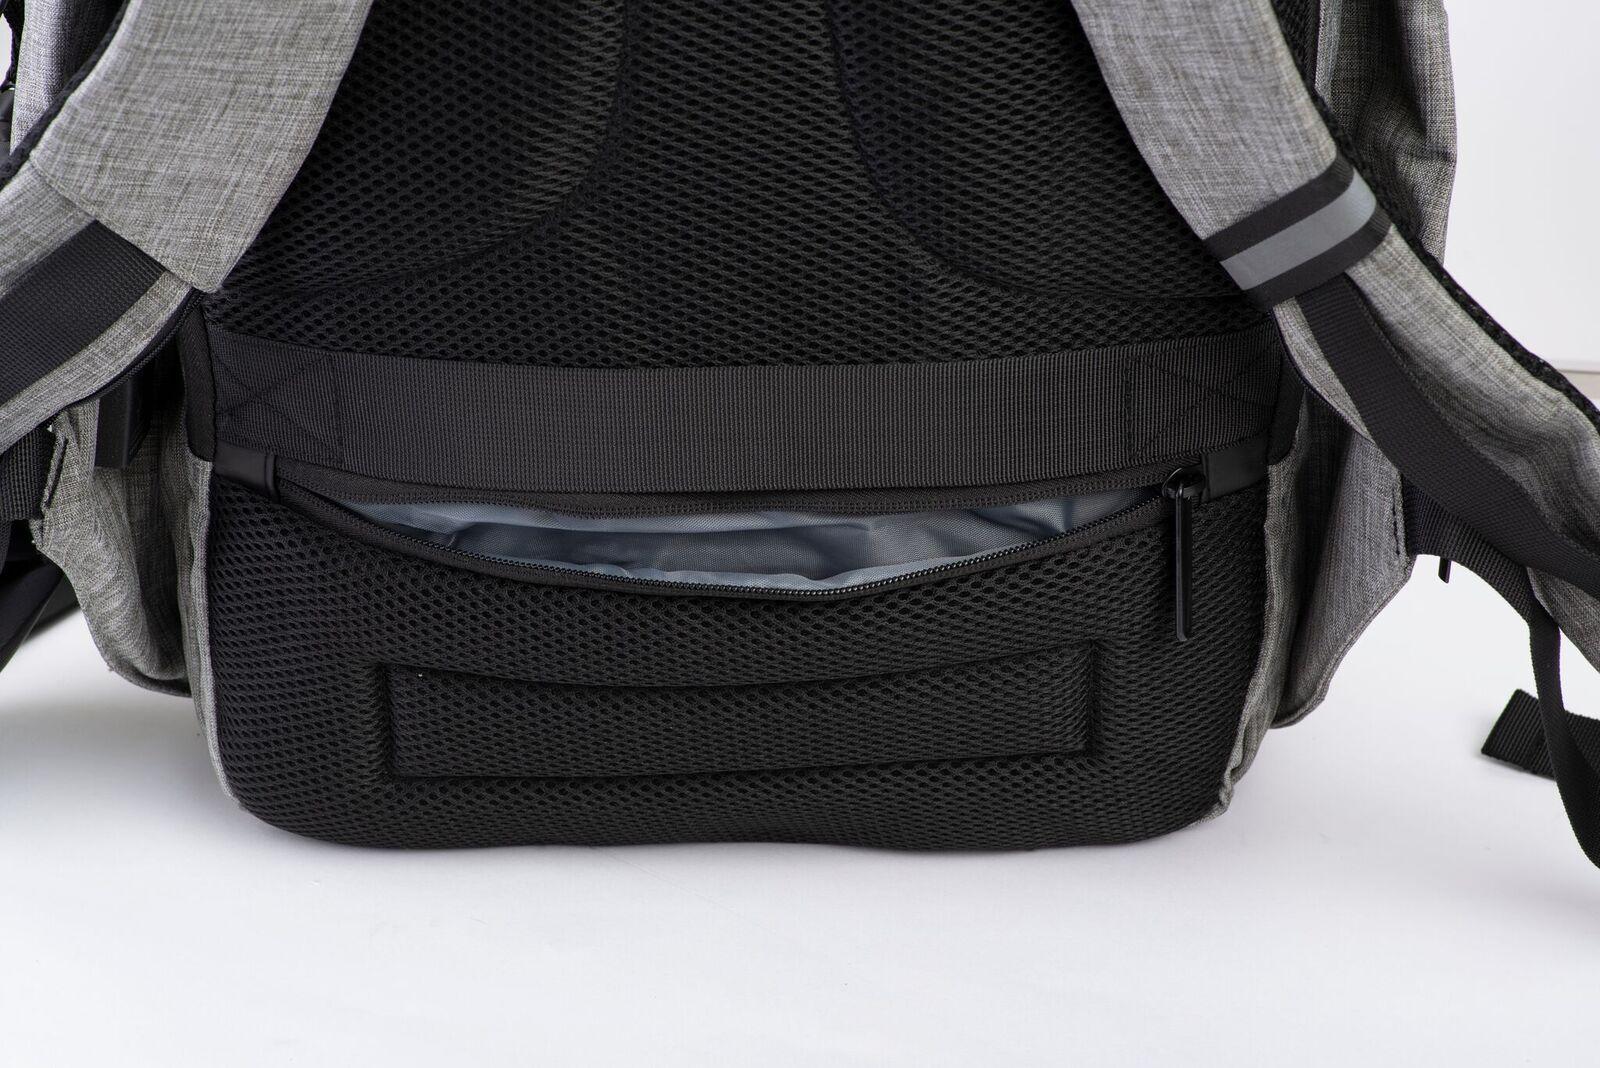 back view of snug backpack zipper